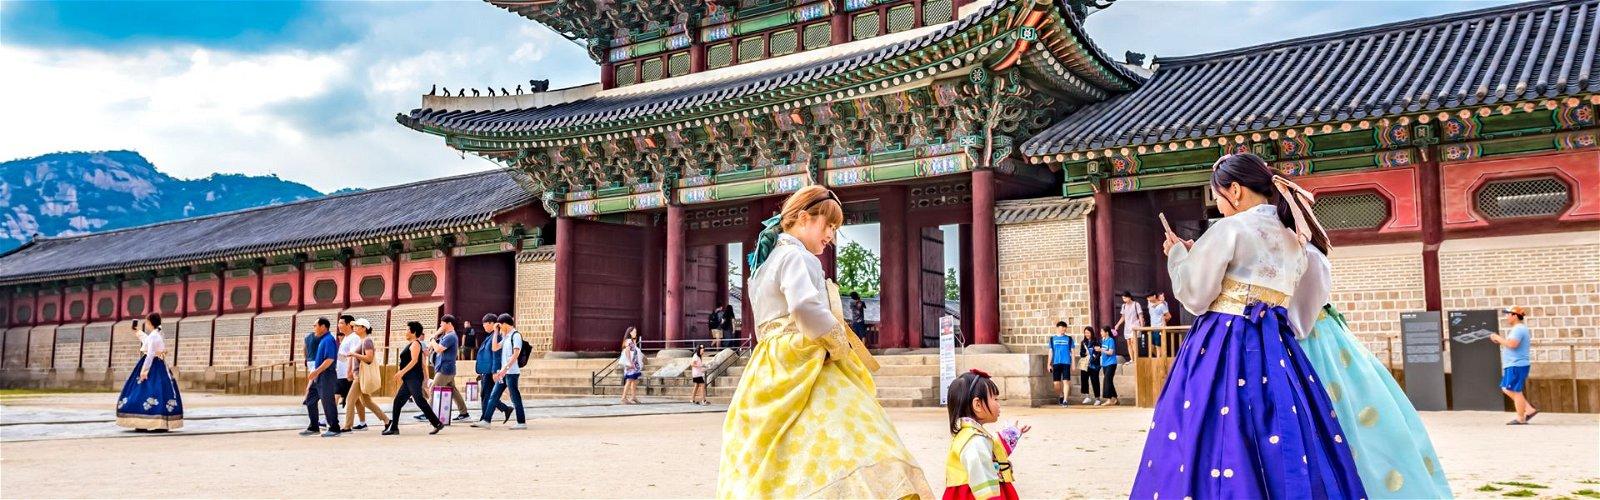 ทัวร์เกาหลี ราคาถูก 2560 - Mushroom Travel